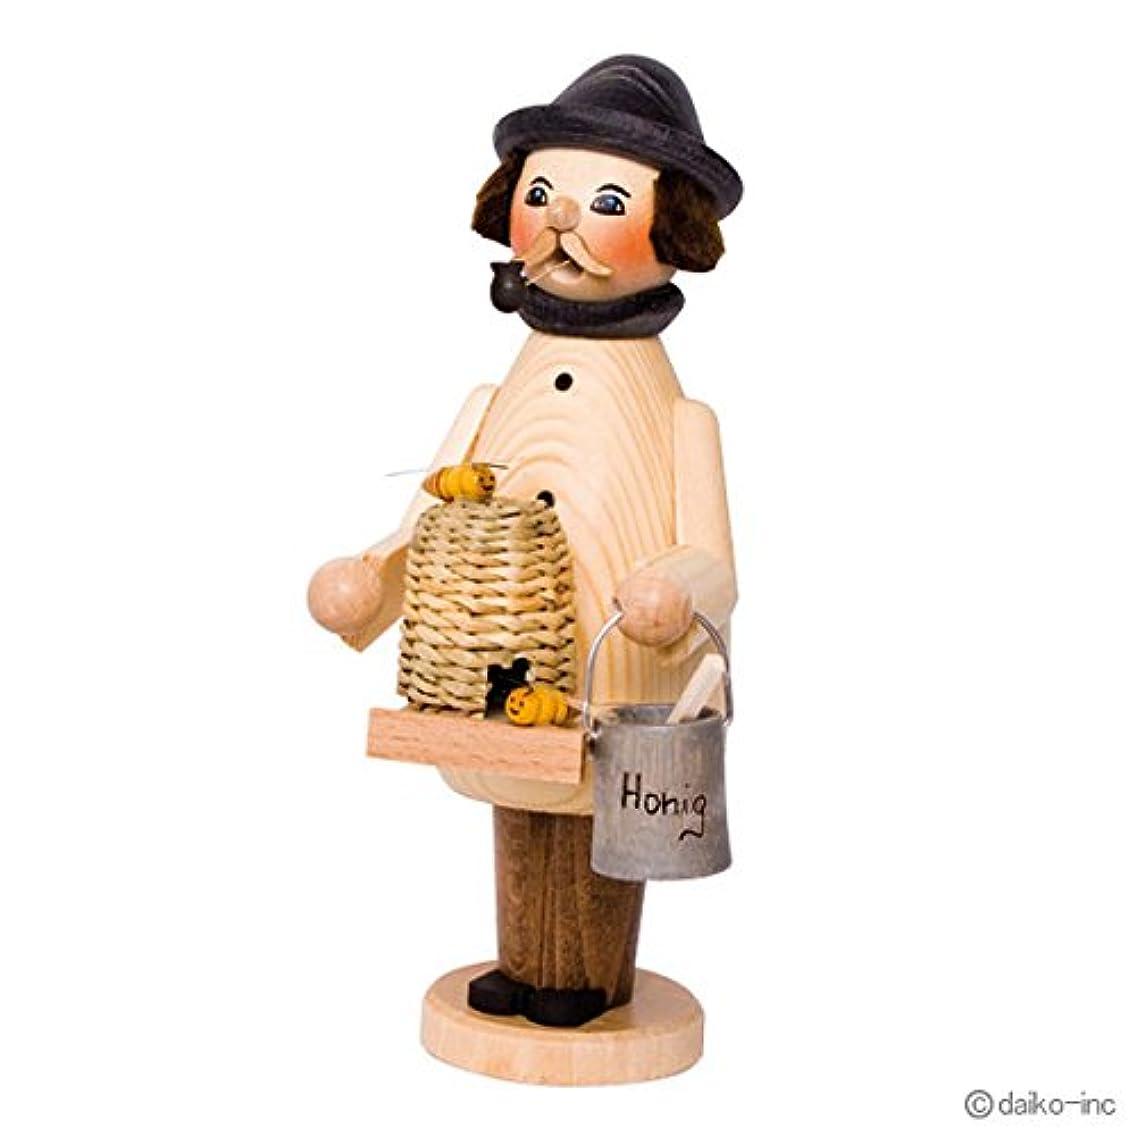 ピースネックレスあいまいなkuhnert ミニパイプ人形香炉 養蜂家